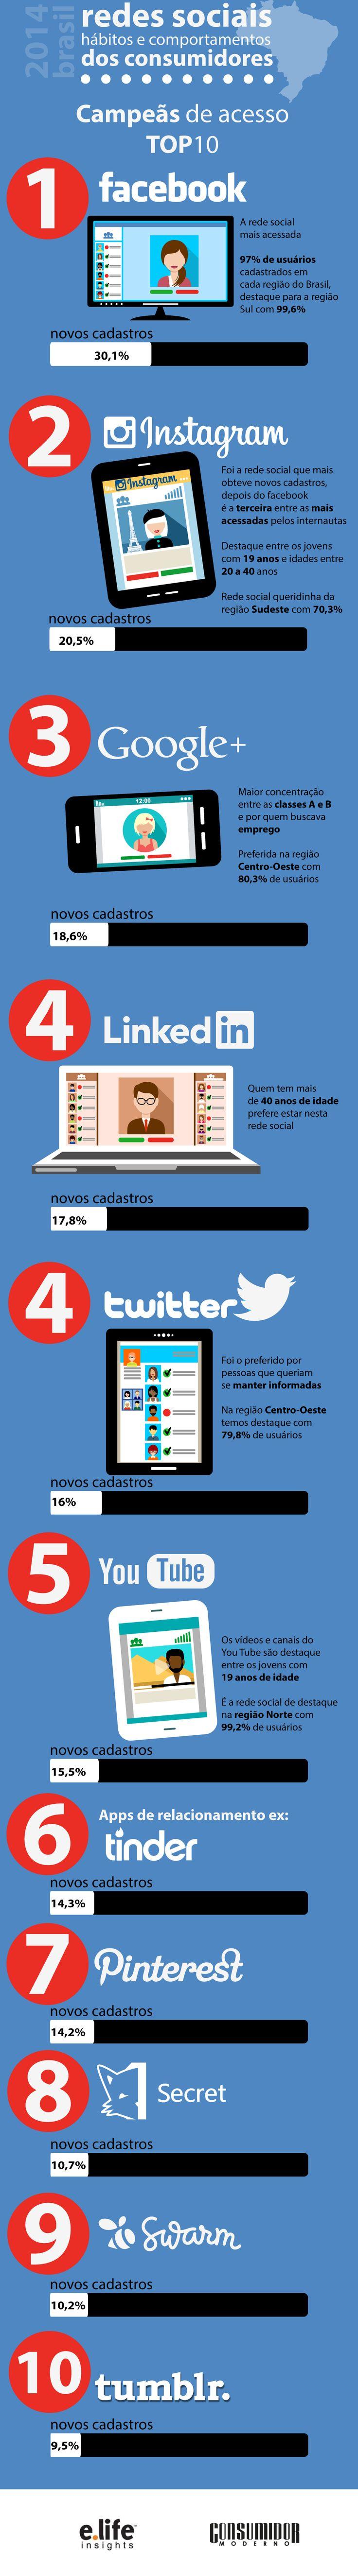 redes-sociais-comportamento 2014 CM